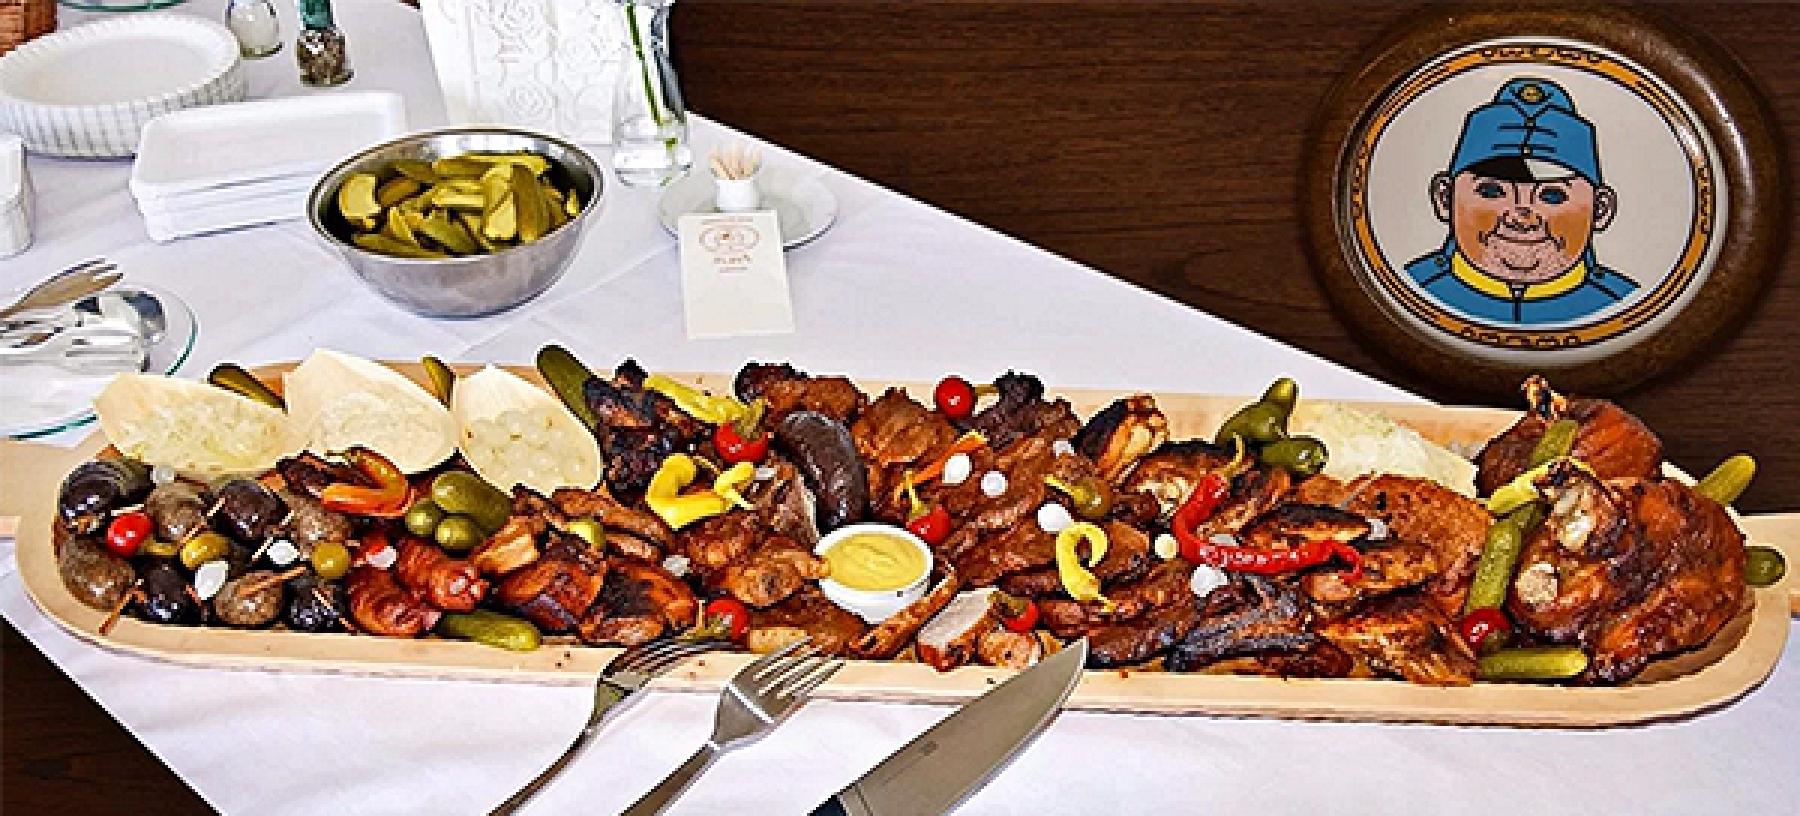 Švejkovo koryto pro až 6 lidí–1kg nebo 2,2kg masa